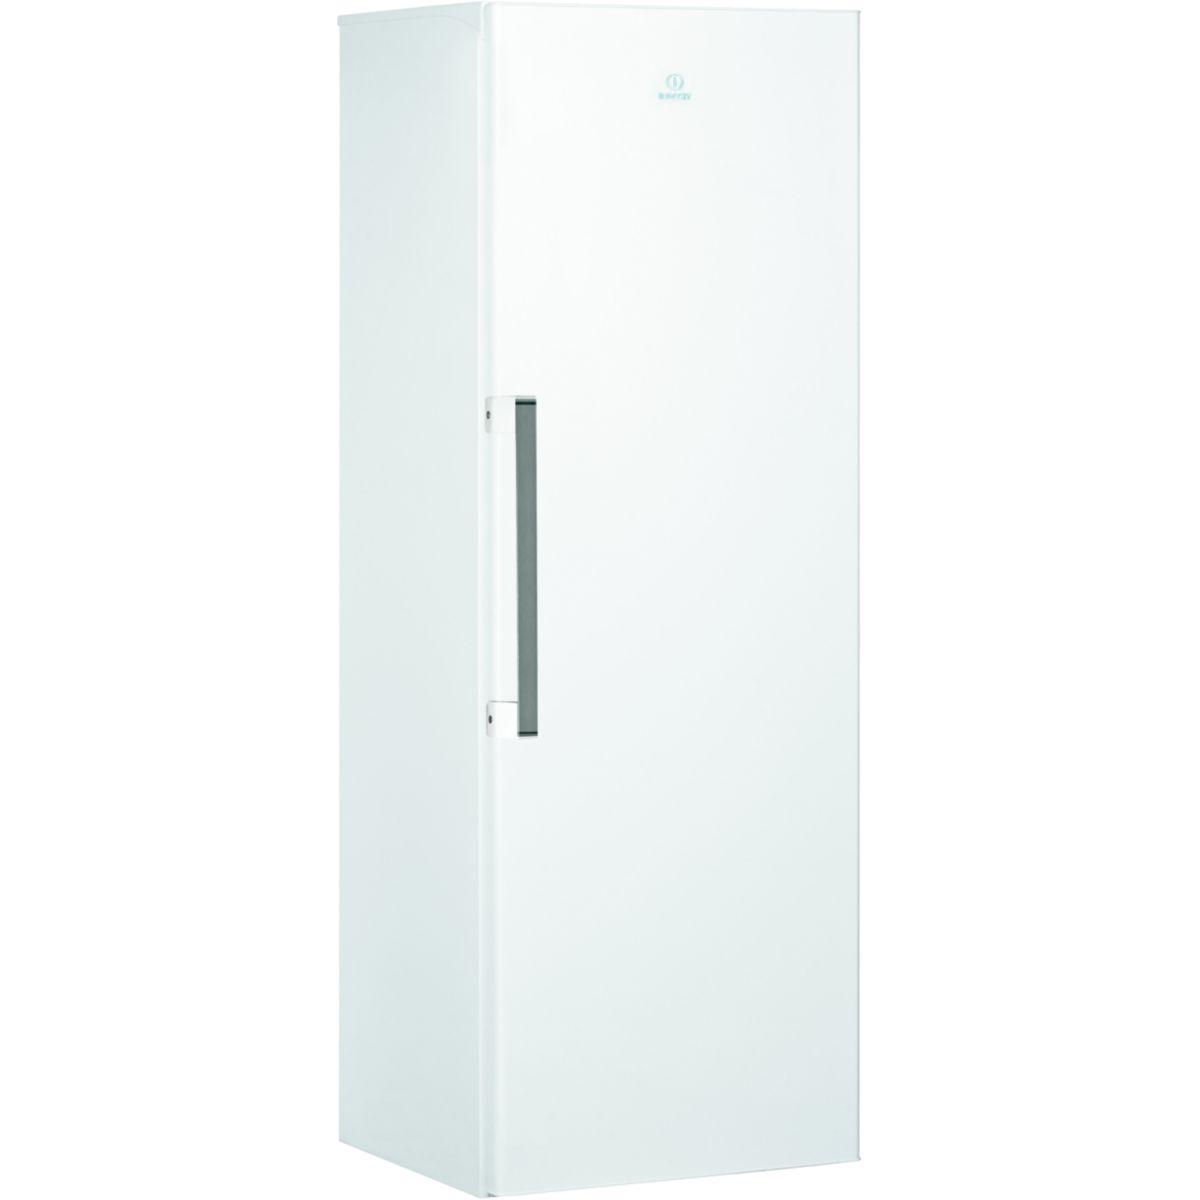 Réfrigérateur 1 porte INDESIT SI81QWD